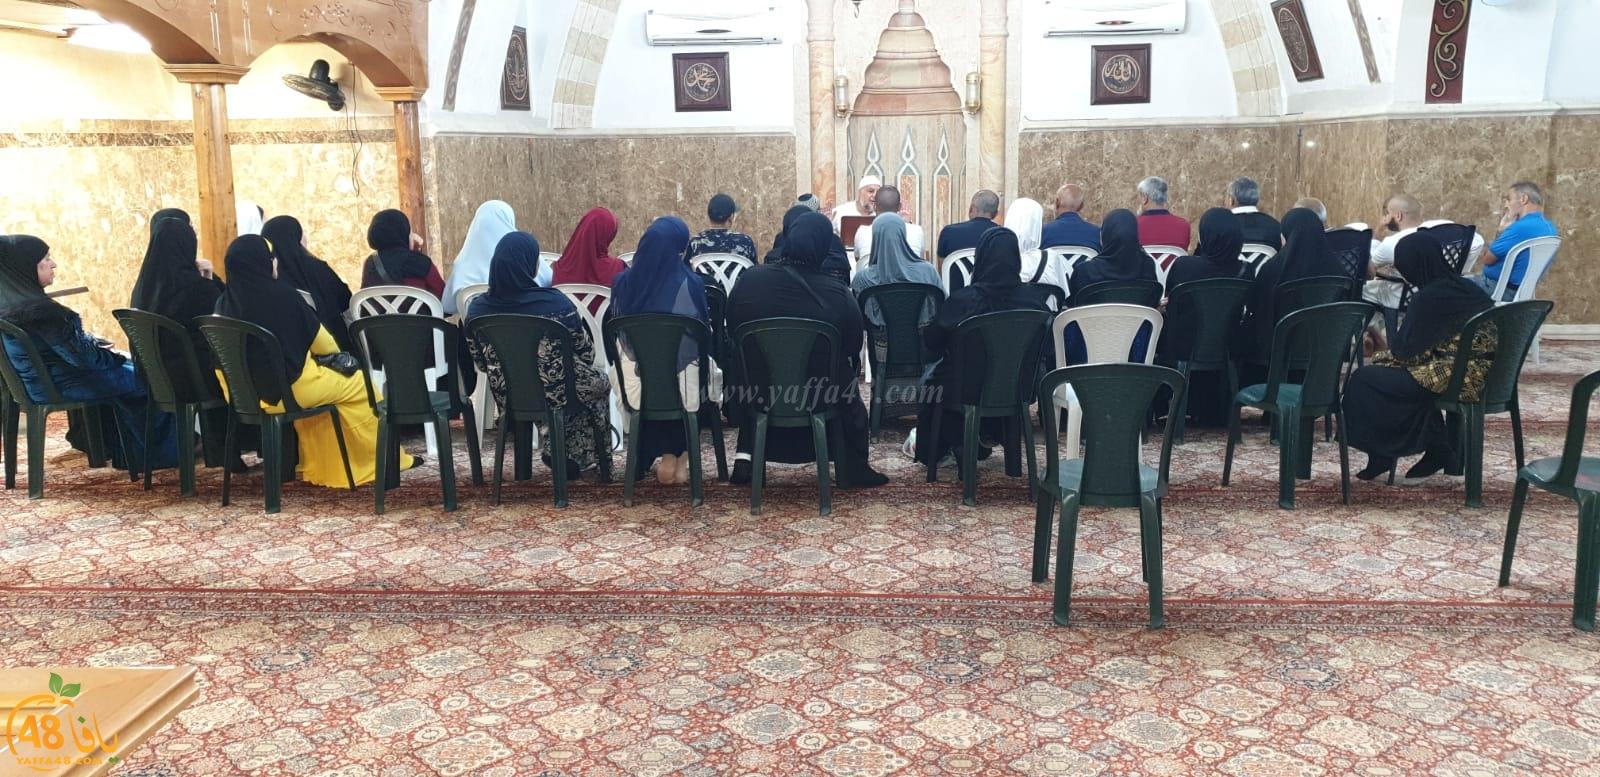 يافا: لجنة تيسير الحج والعمرة تُنظم الدرس الأخير لحجاج بيت الله الحرام